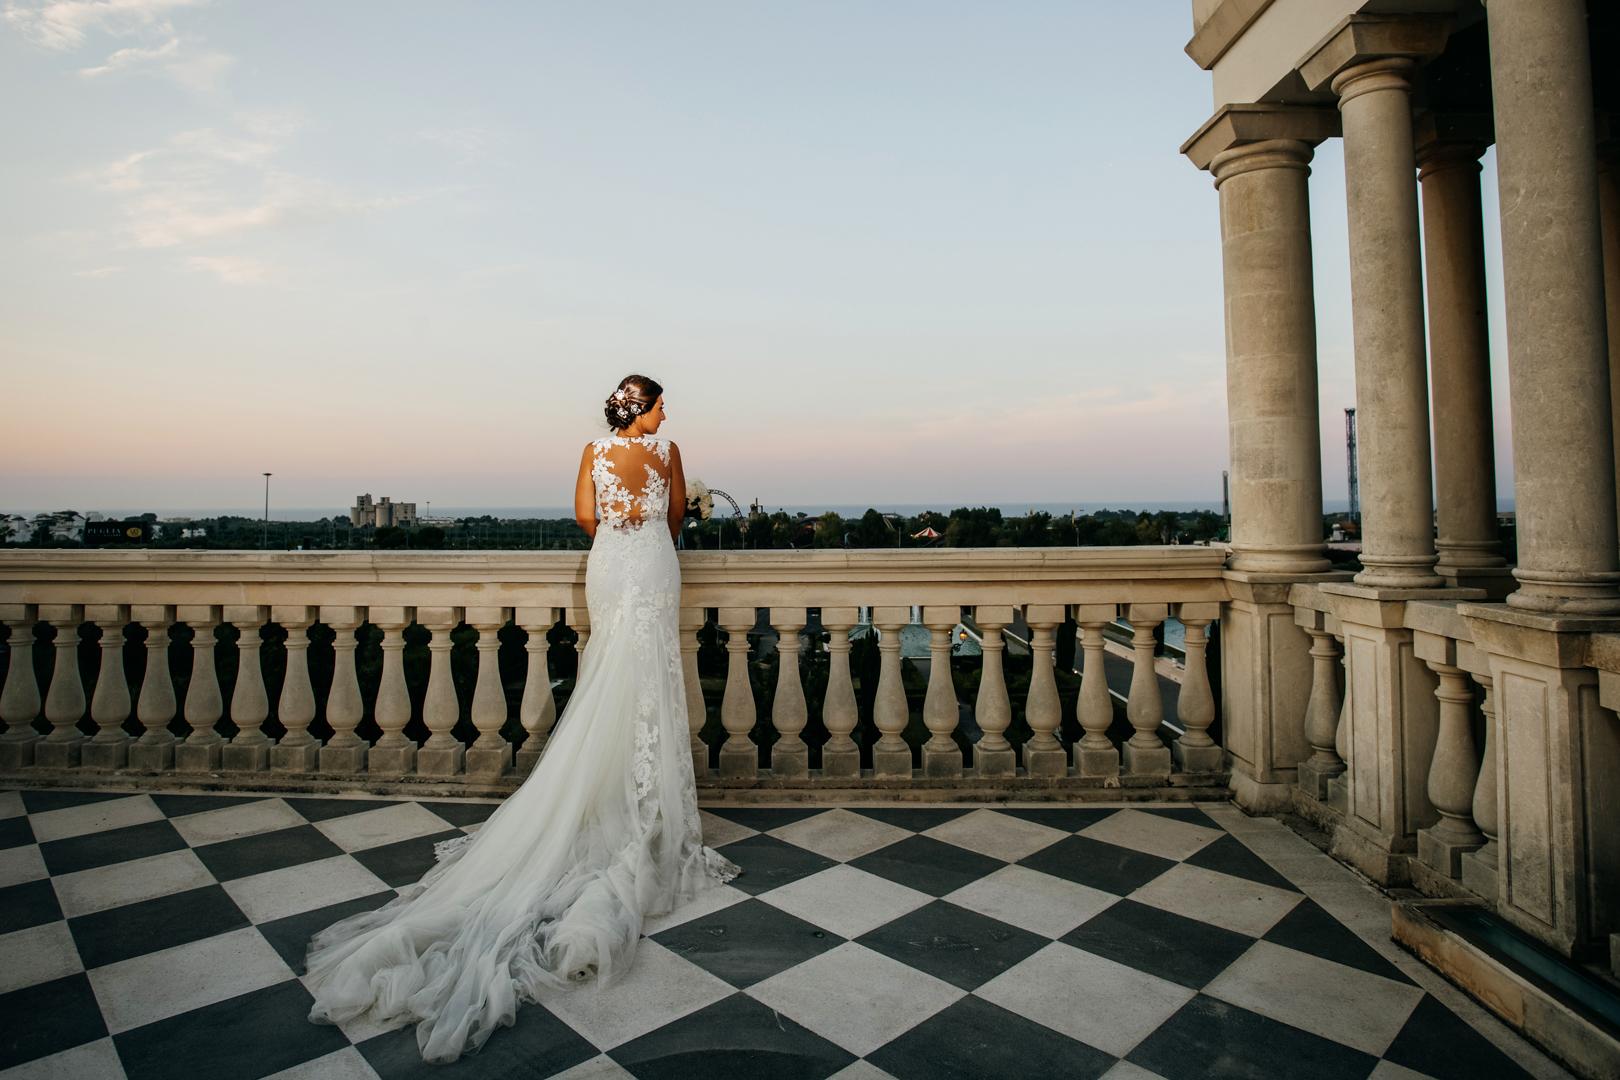 63 gianni-lepore-sposa-bride-ritratto-matrimonio-weddingday-new-lions-molfetta